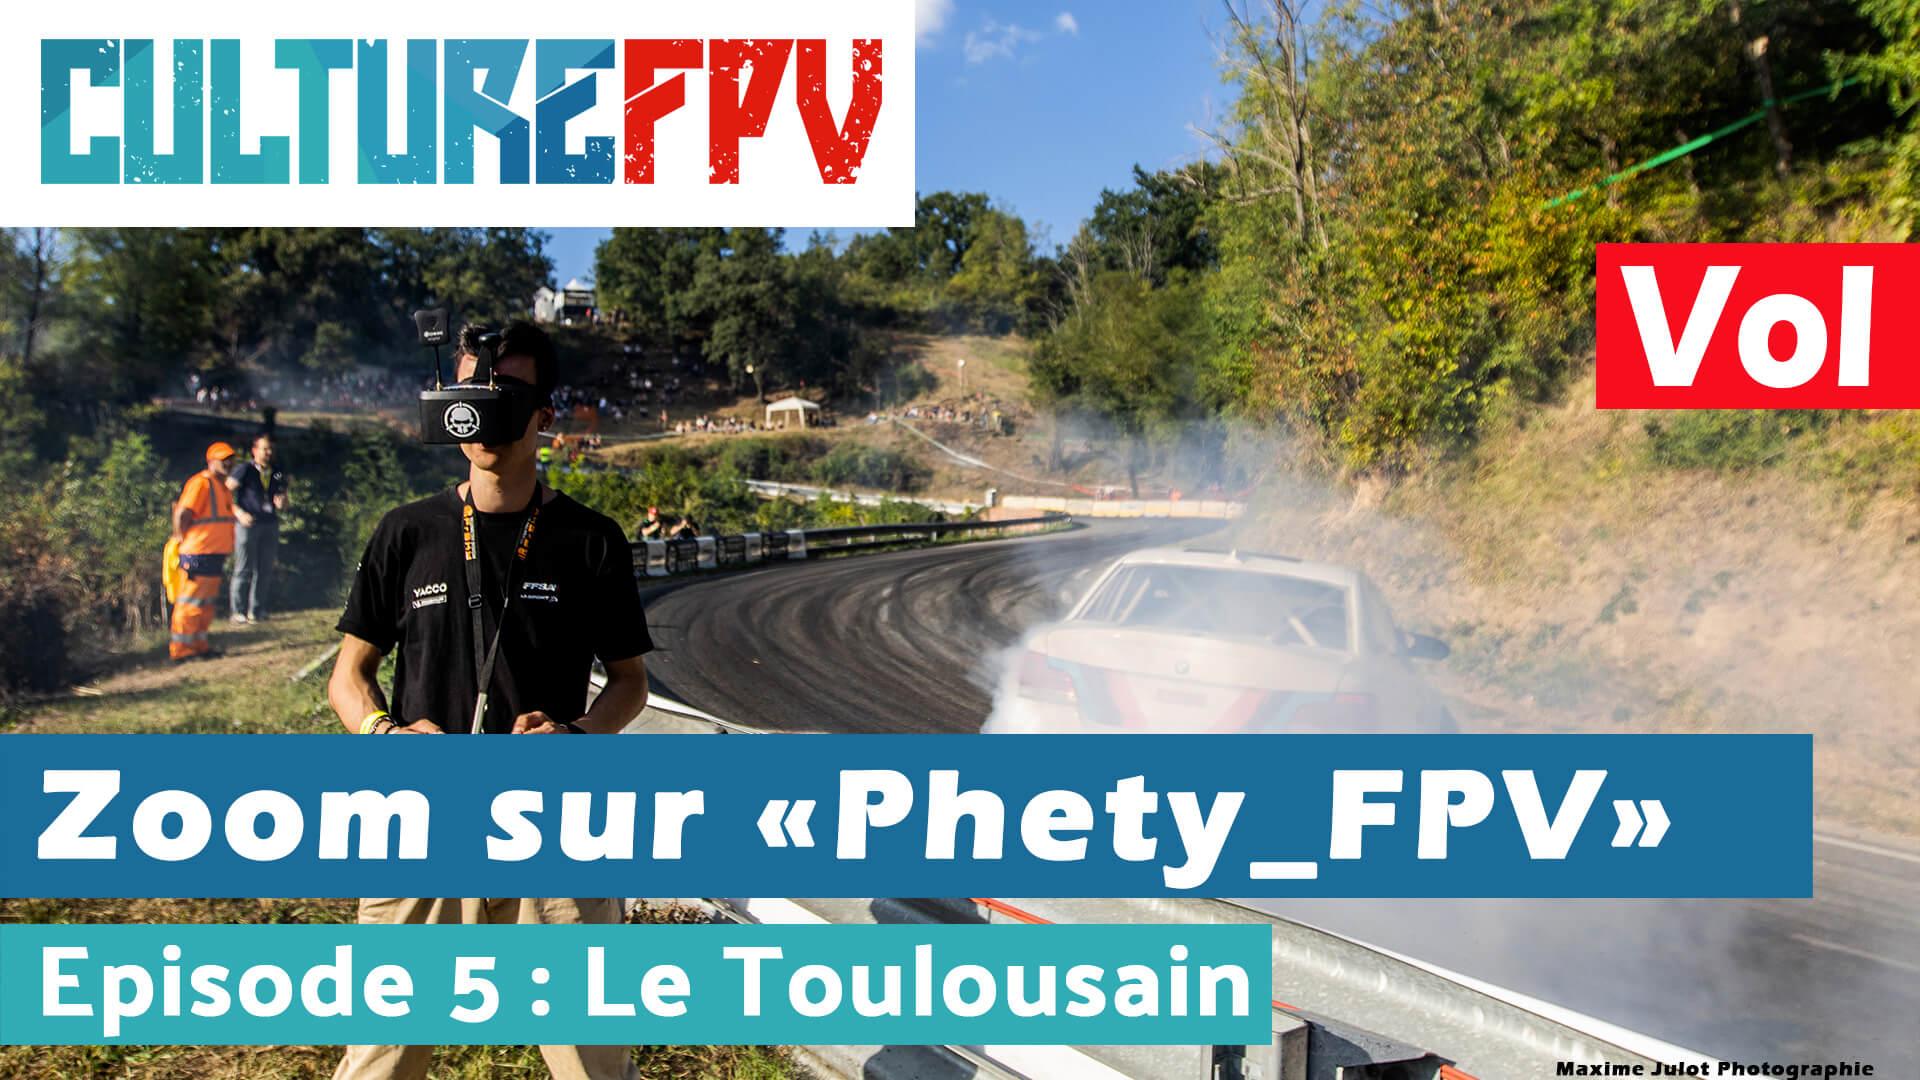 Phety FPV